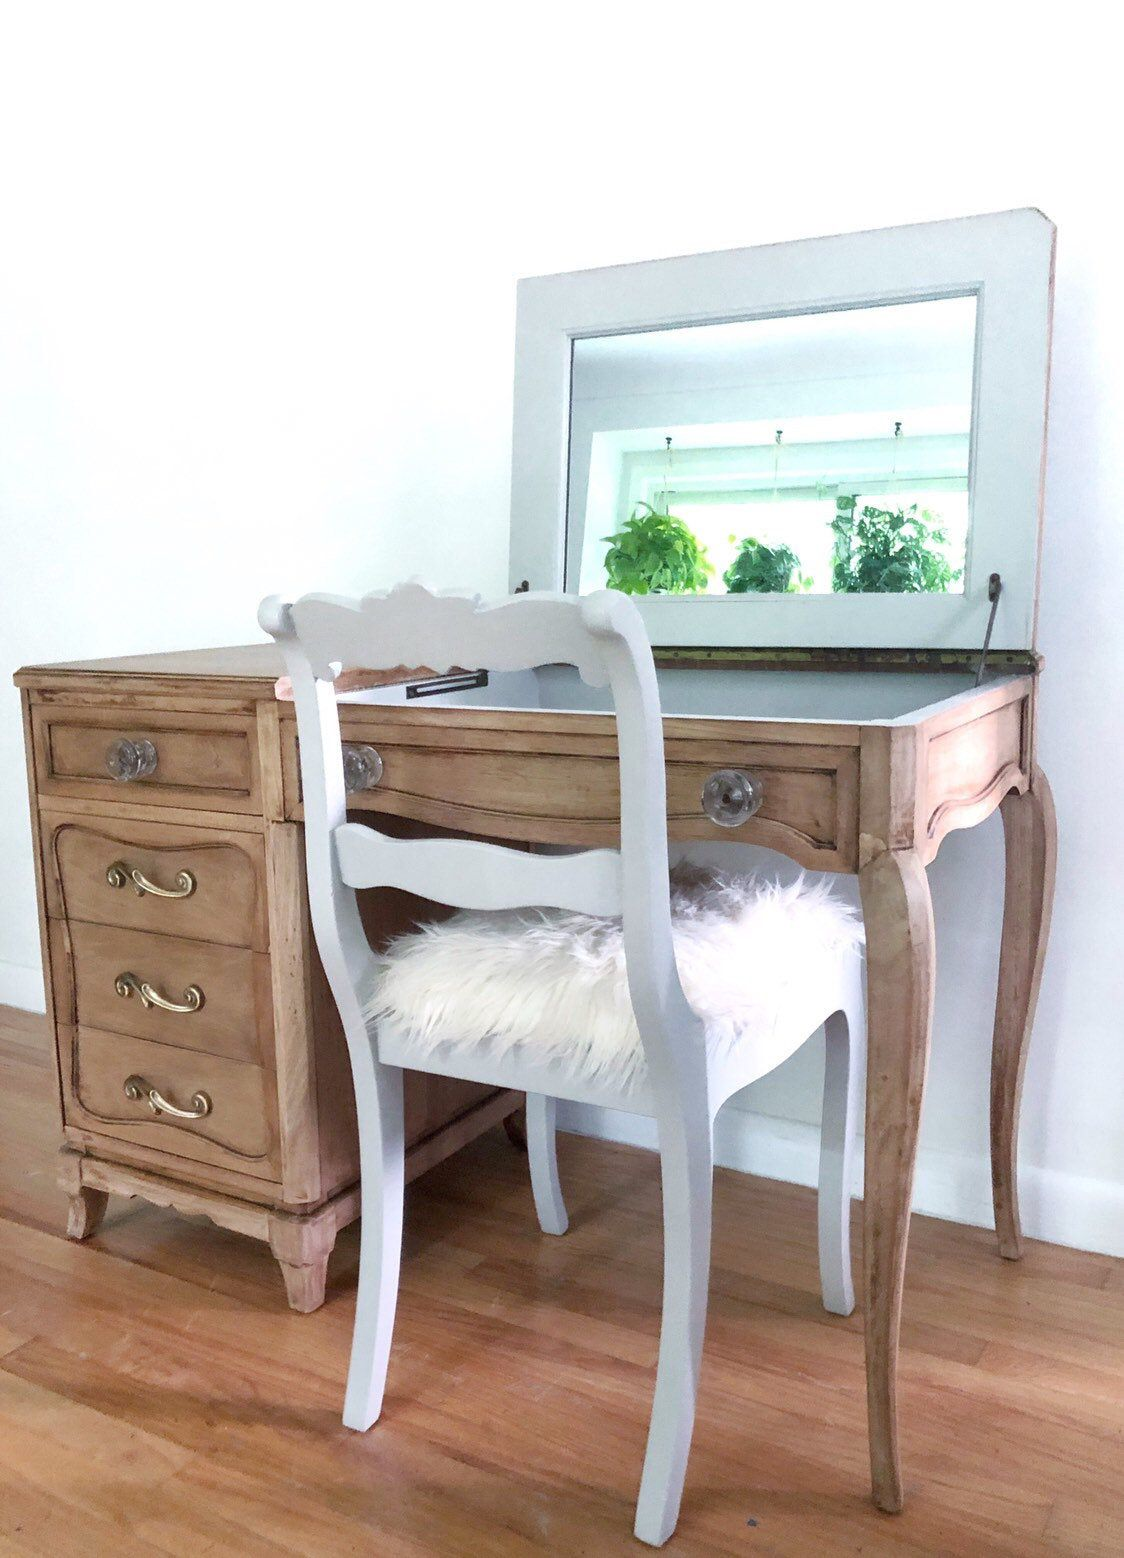 Rway vintage Art Deco style vanity dressing table makeup mirror built in images